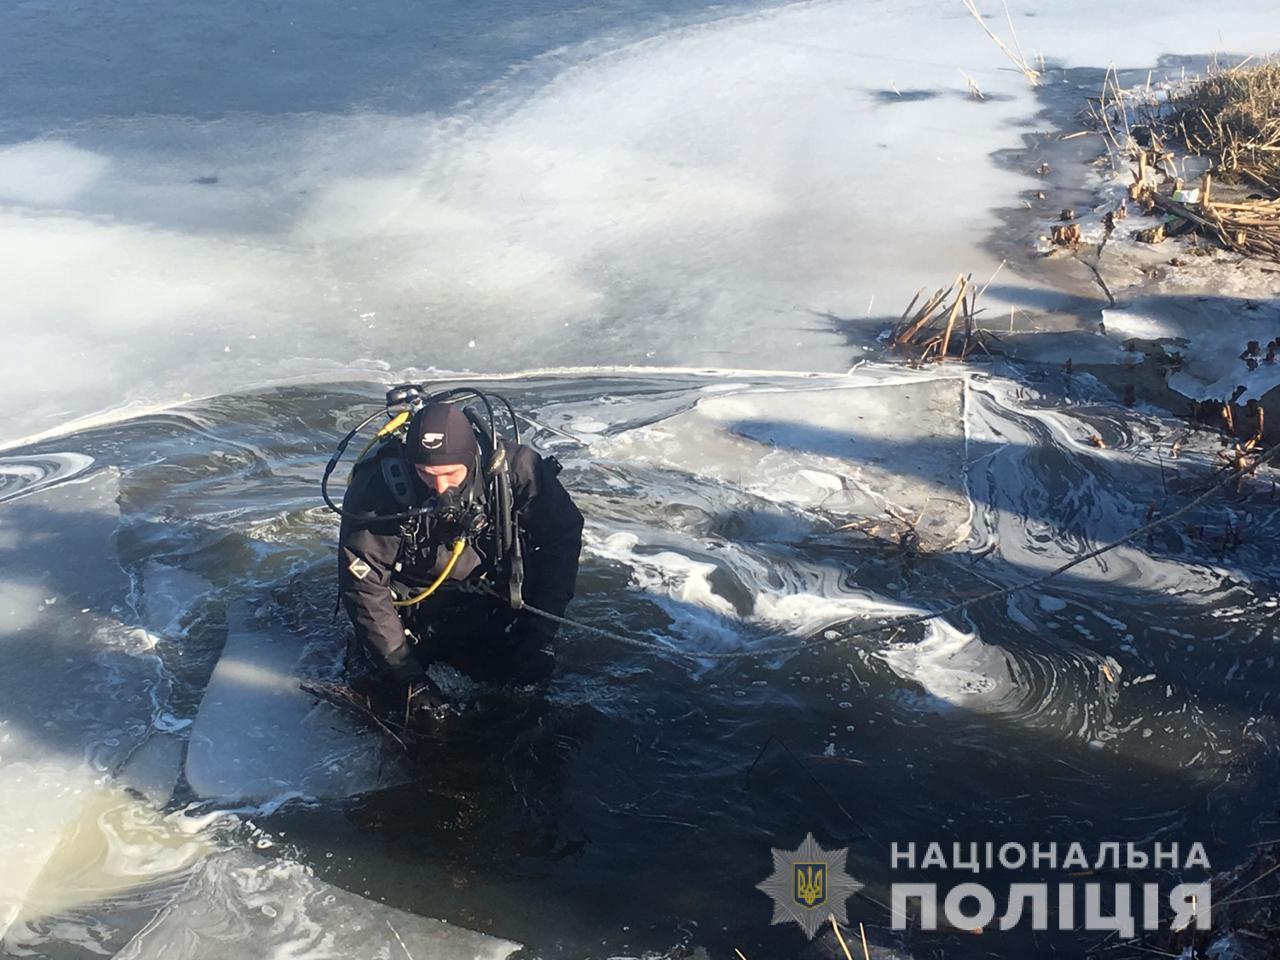 Под Киевом нашли мертвого дедушку, который пропал без вести